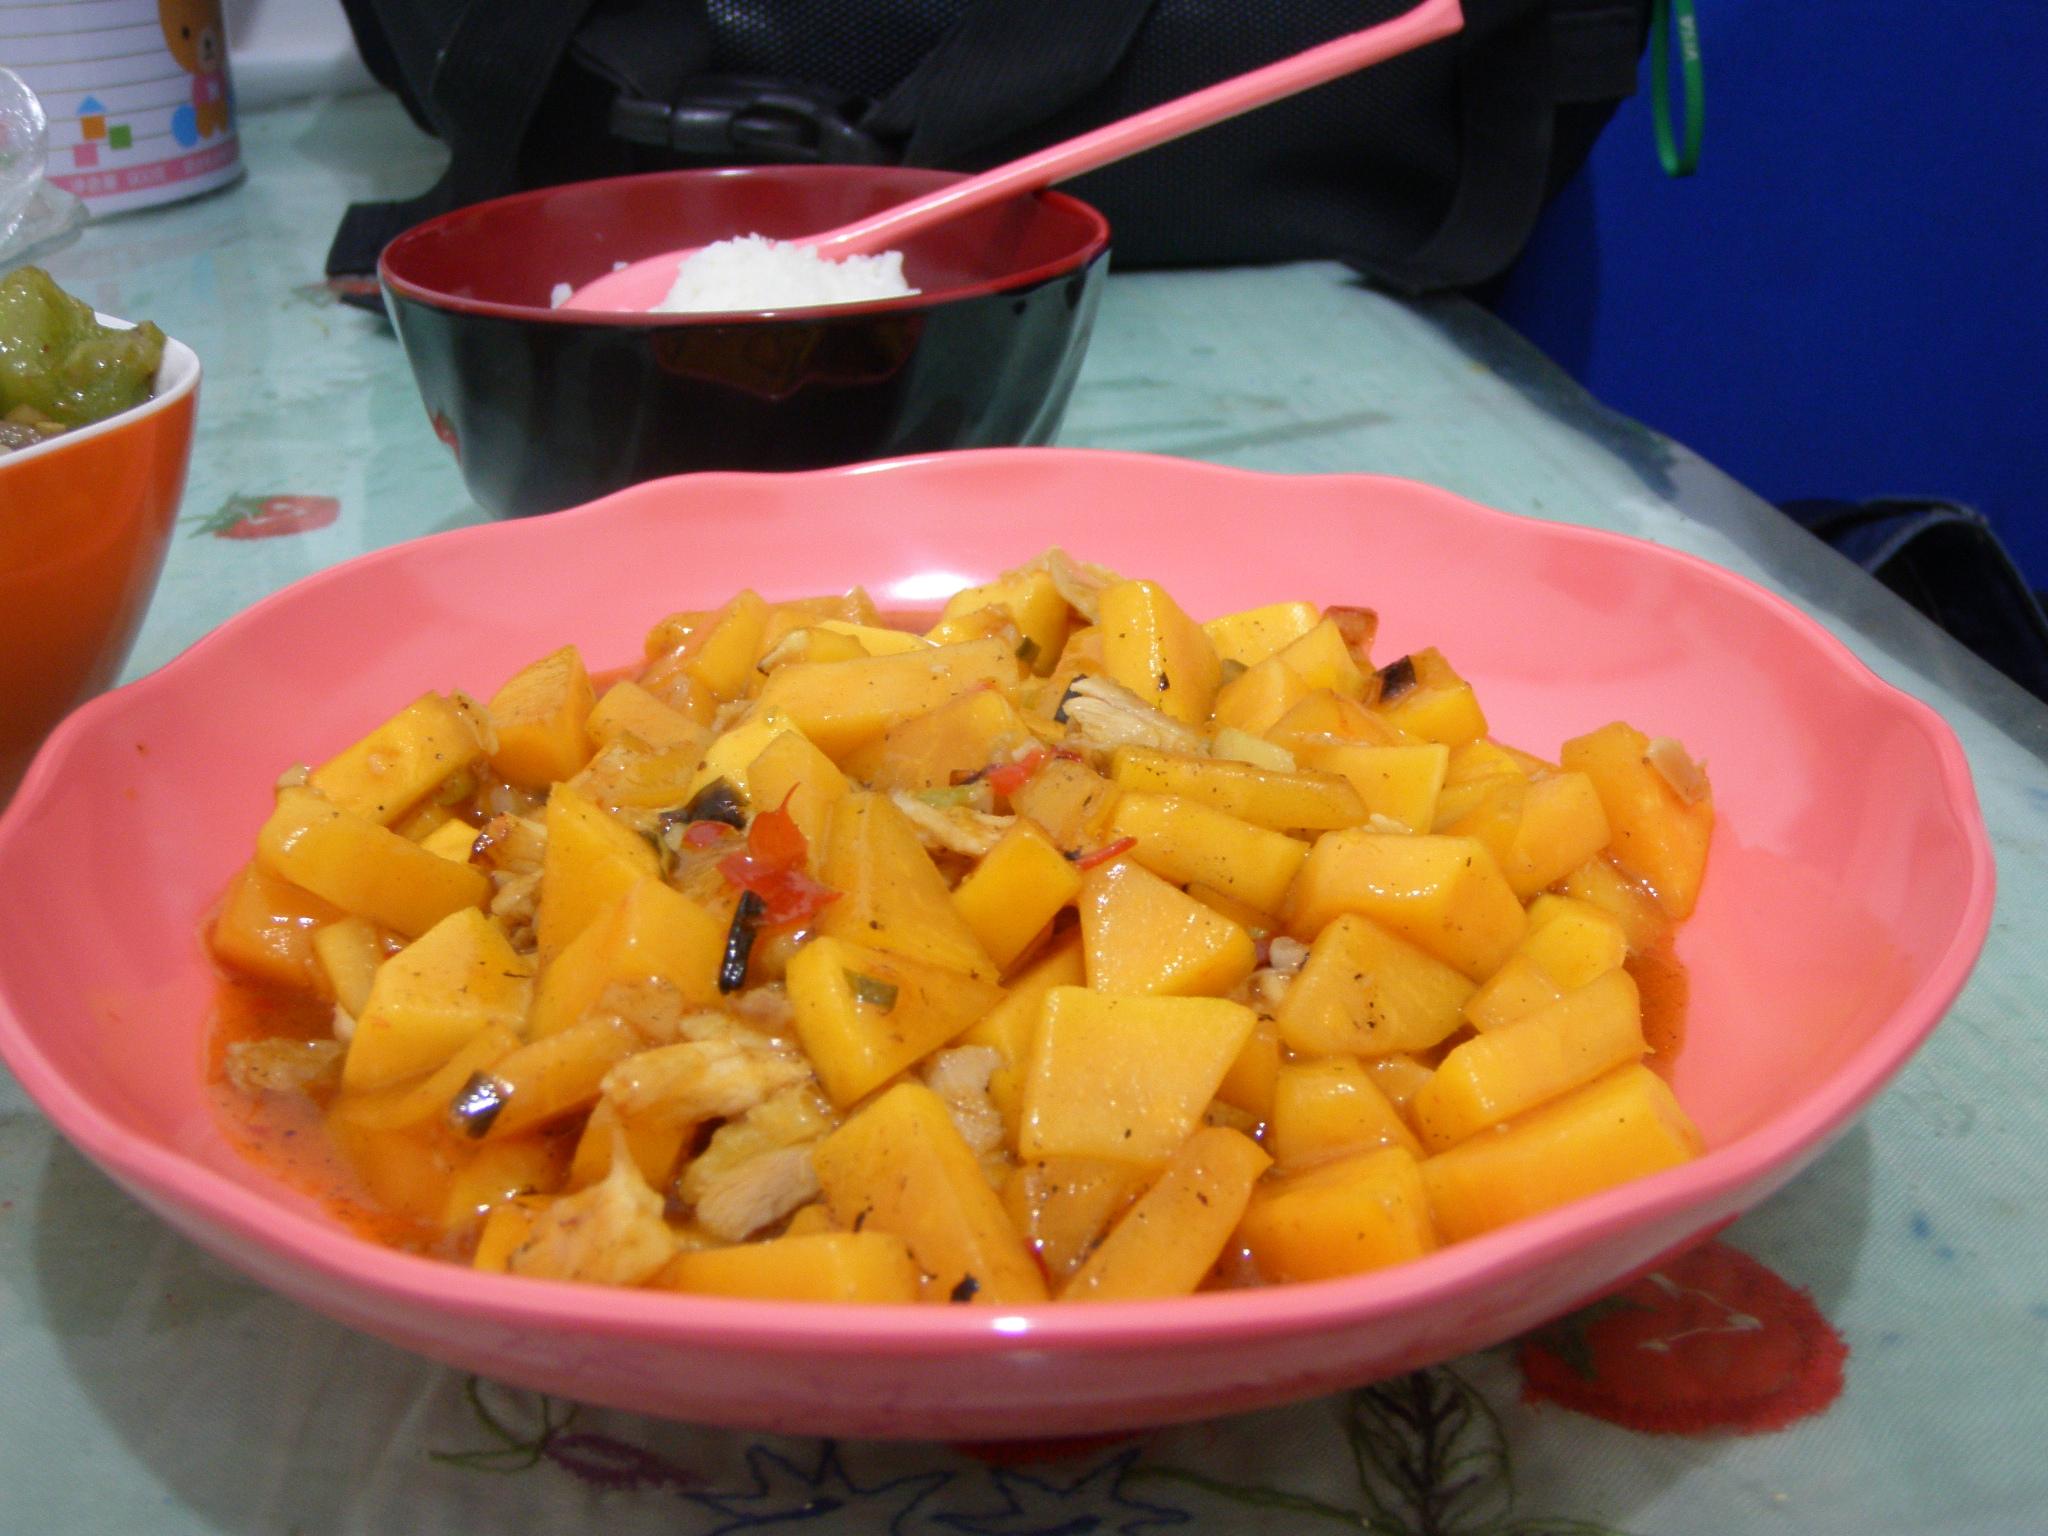 木瓜酿鸡胸的做法_【图解】木瓜酿鸡胸怎么做好吃_车